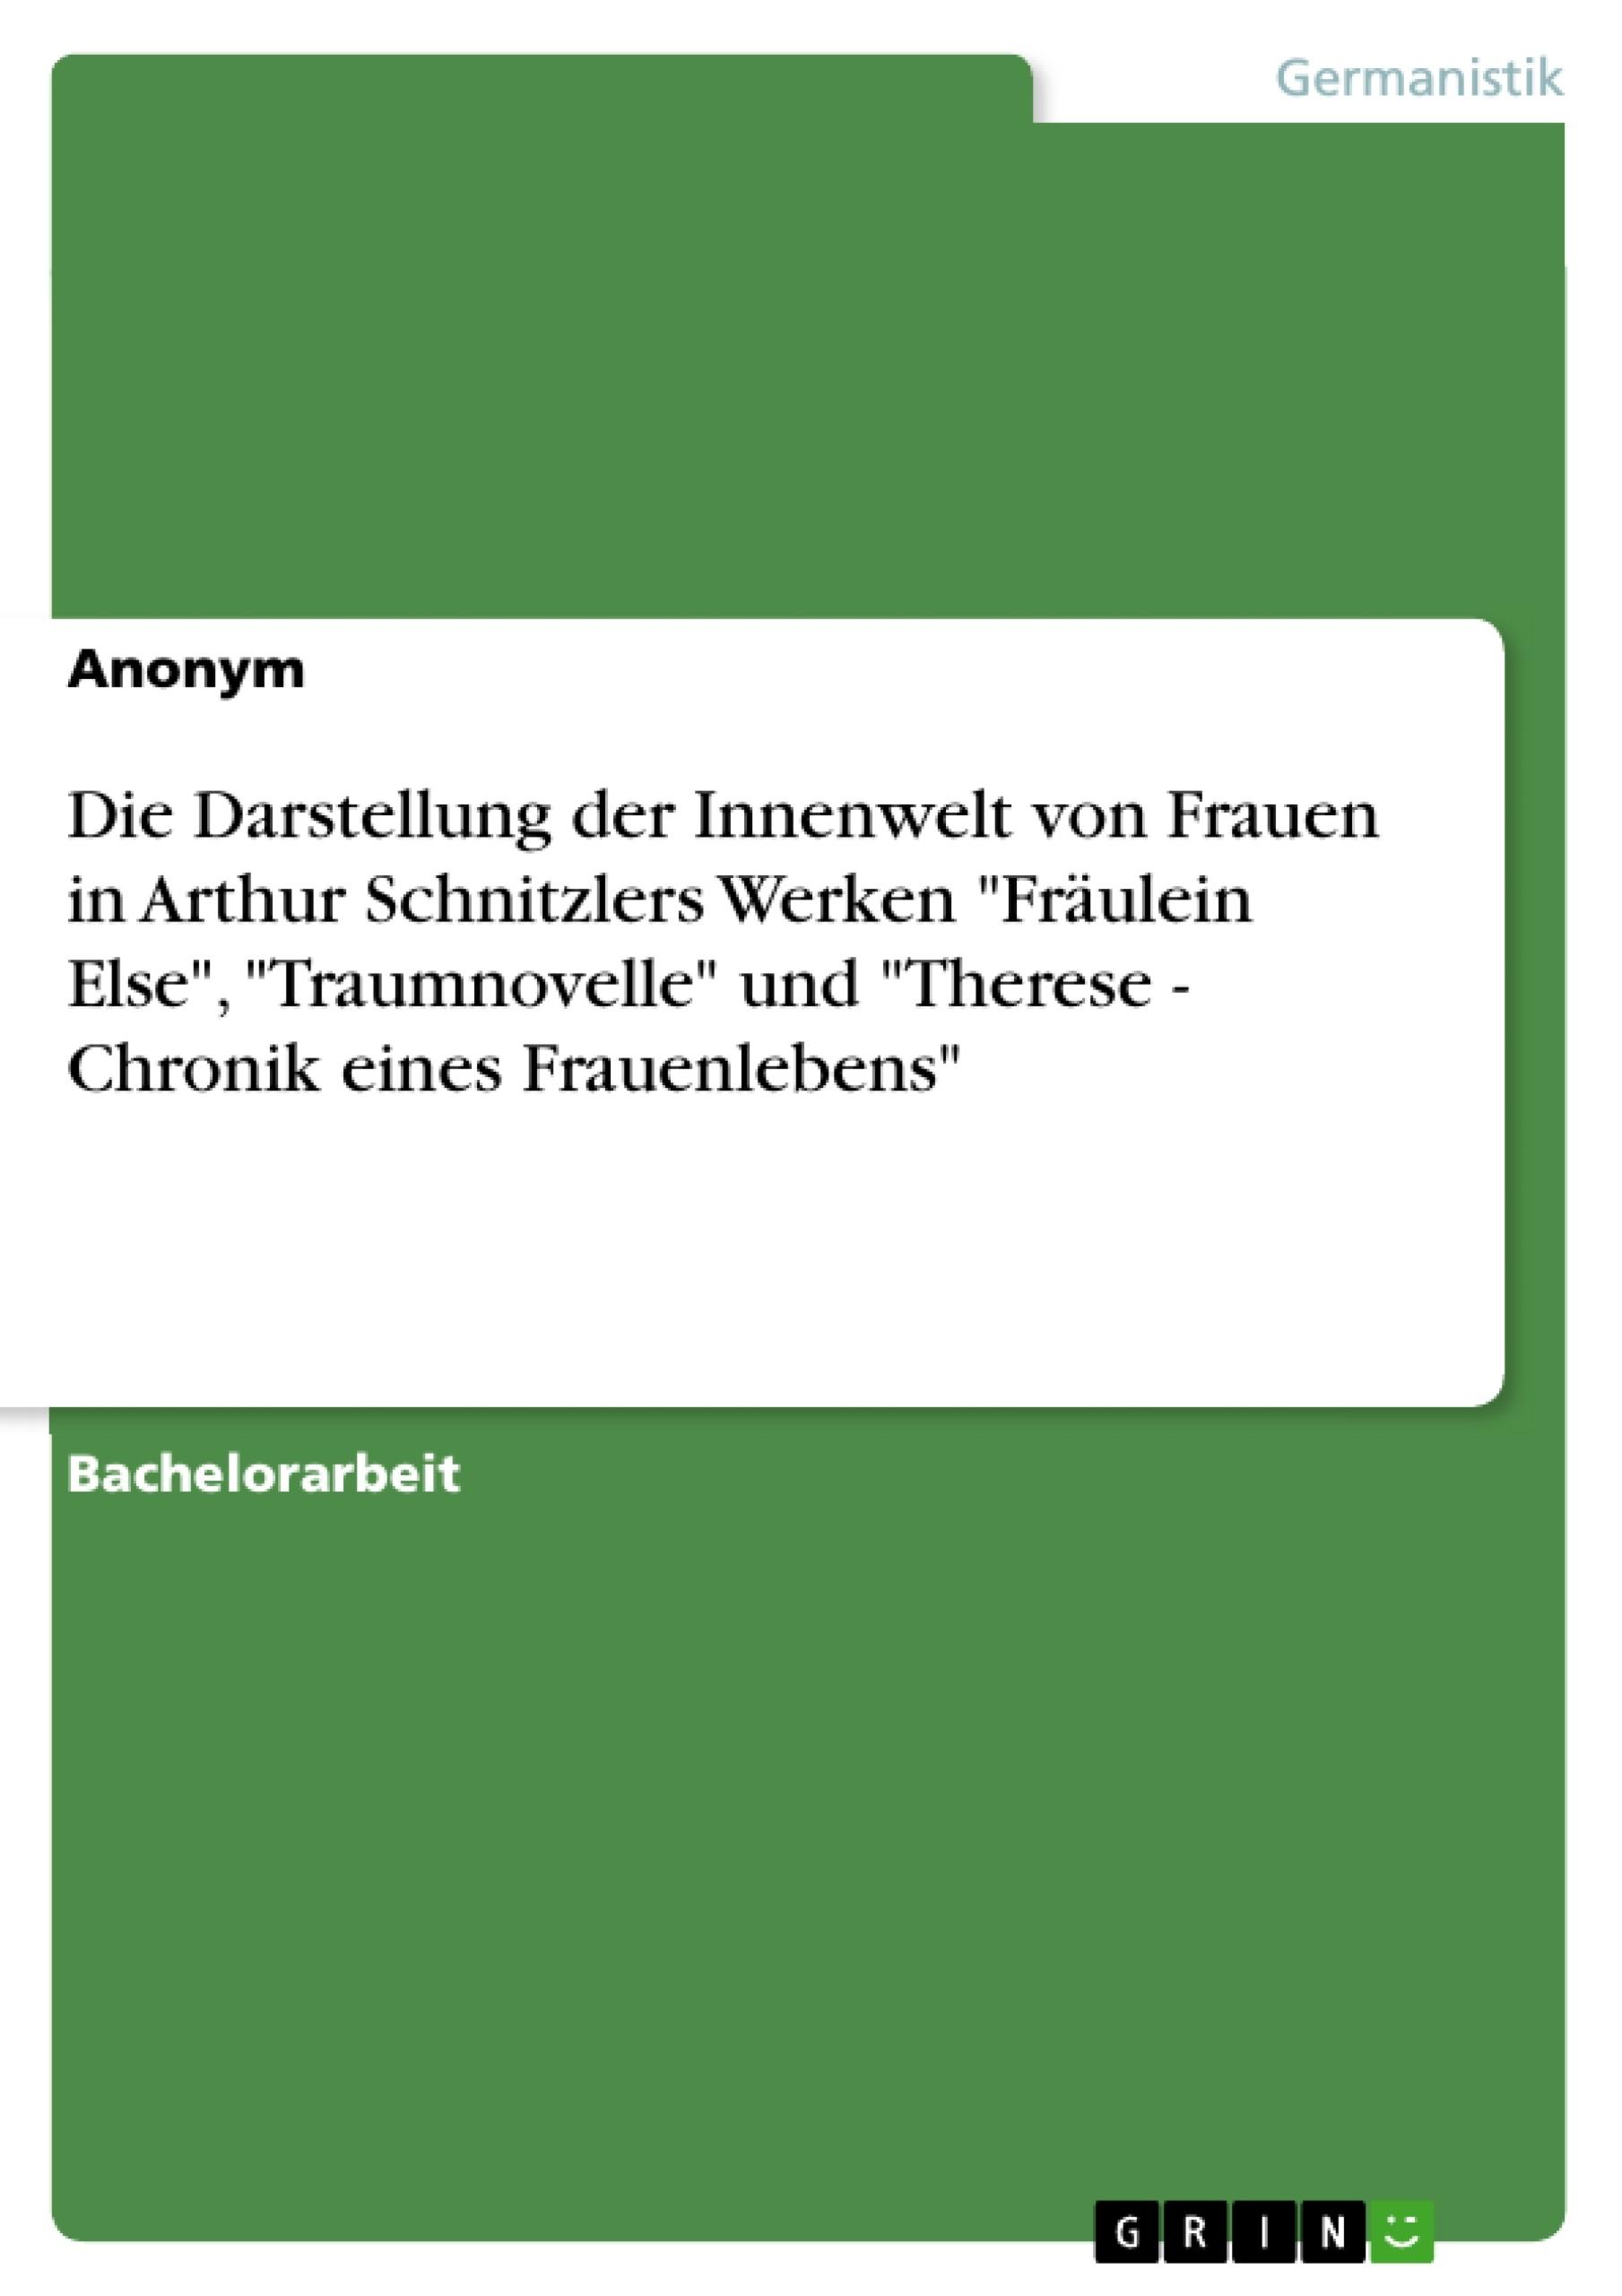 """Titel: Die Darstellung der Innenwelt von Frauen in Arthur Schnitzlers Werken """"Fräulein Else"""", """"Traumnovelle"""" und """"Therese - Chronik eines Frauenlebens"""""""